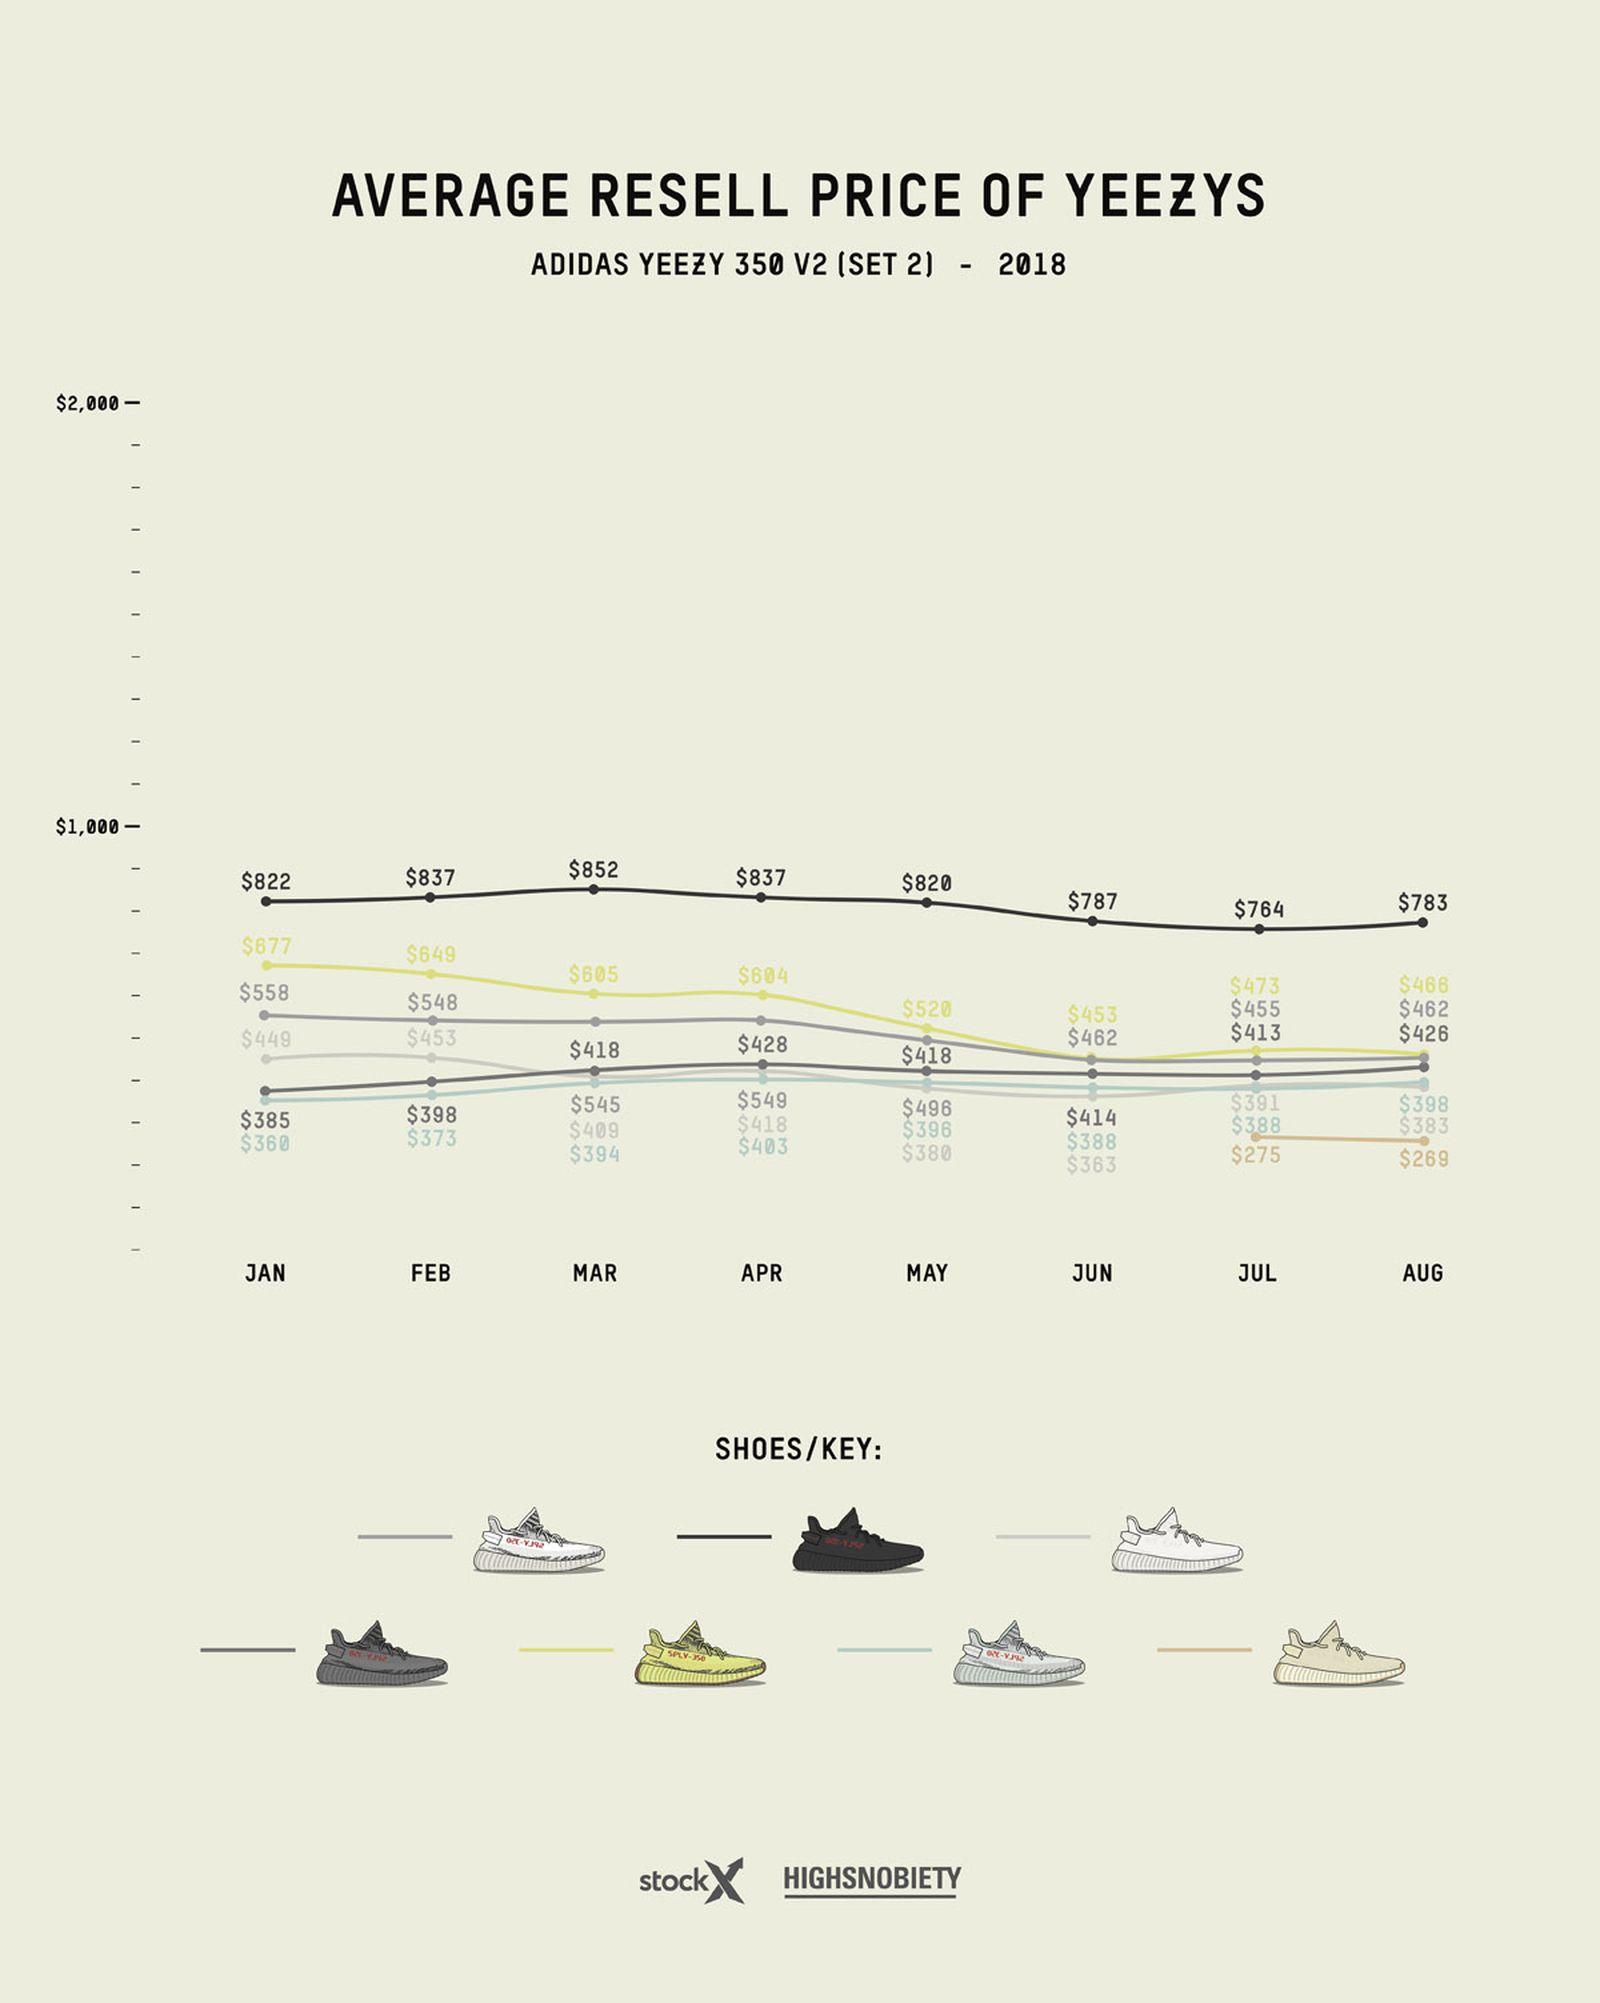 adidas yeezy guide 2019 live 8 Grailed StockX adidas Originals